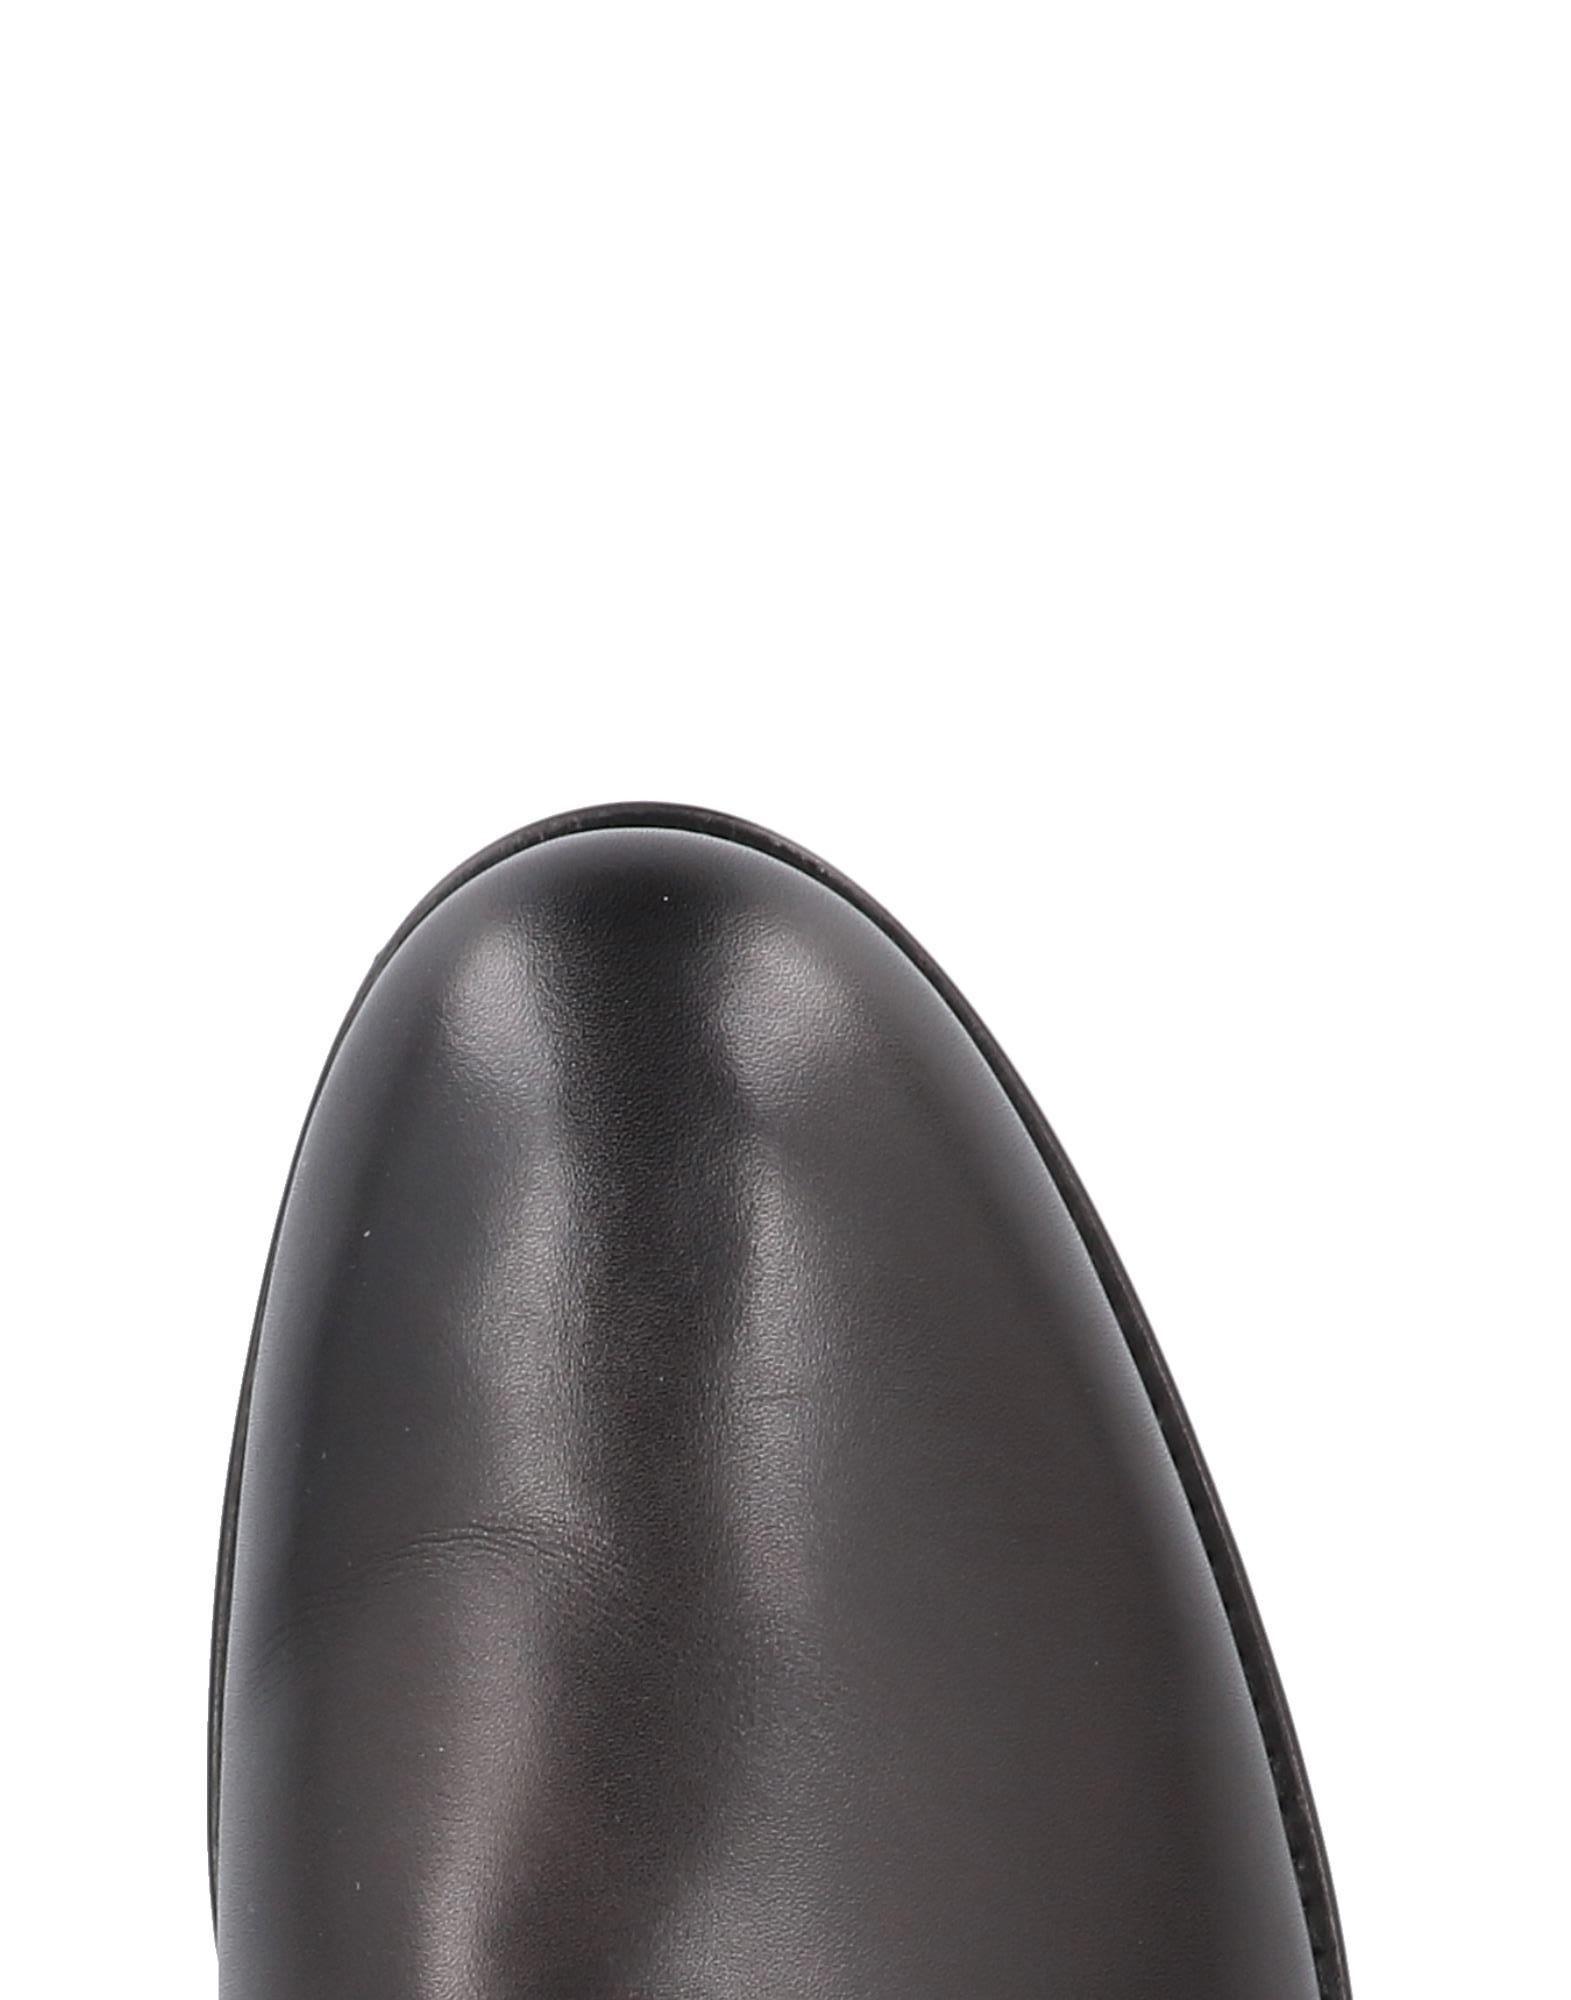 Dsquared2 Schnürschuhe Gute Herren  11482324MV Gute Schnürschuhe Qualität beliebte Schuhe 2c5389